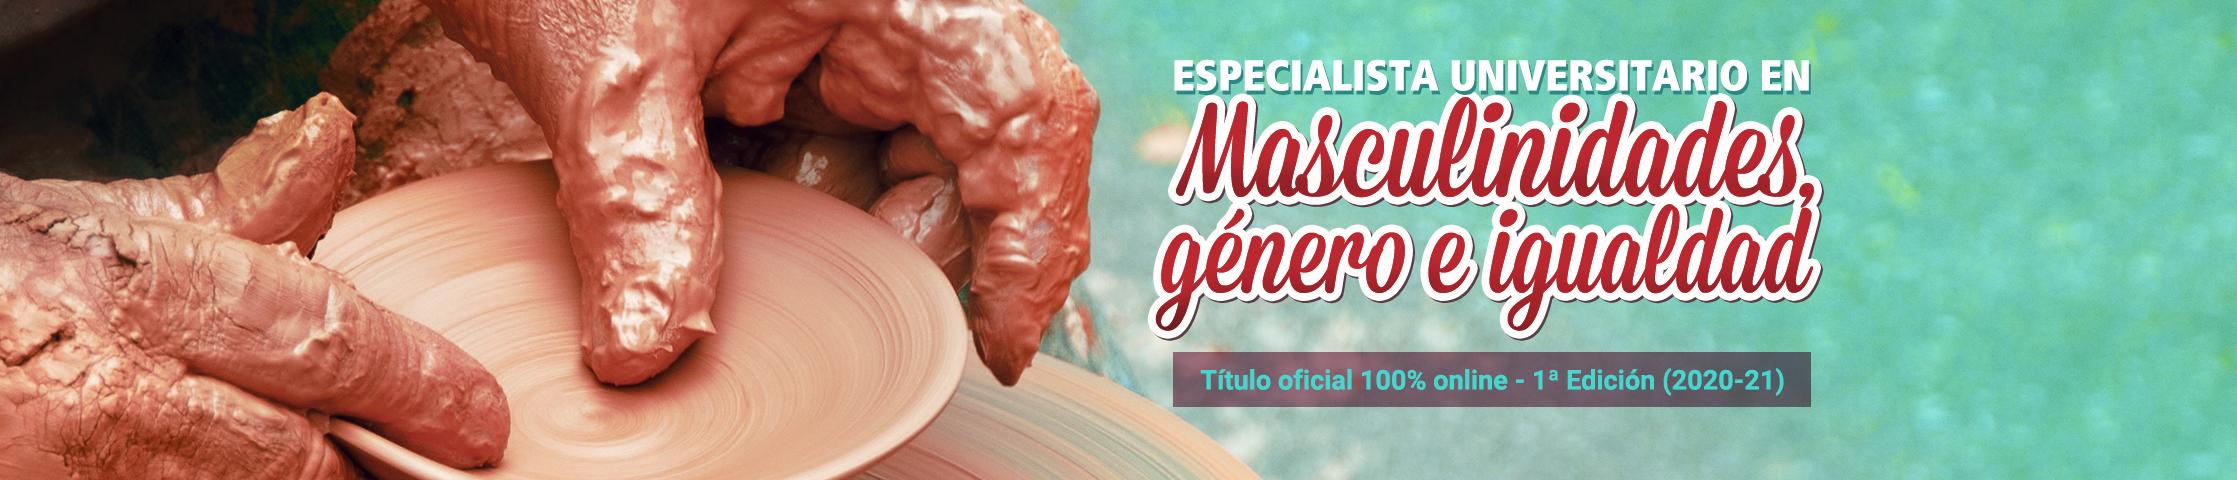 Cartel promocional del Título especialista univ. en masculinidades